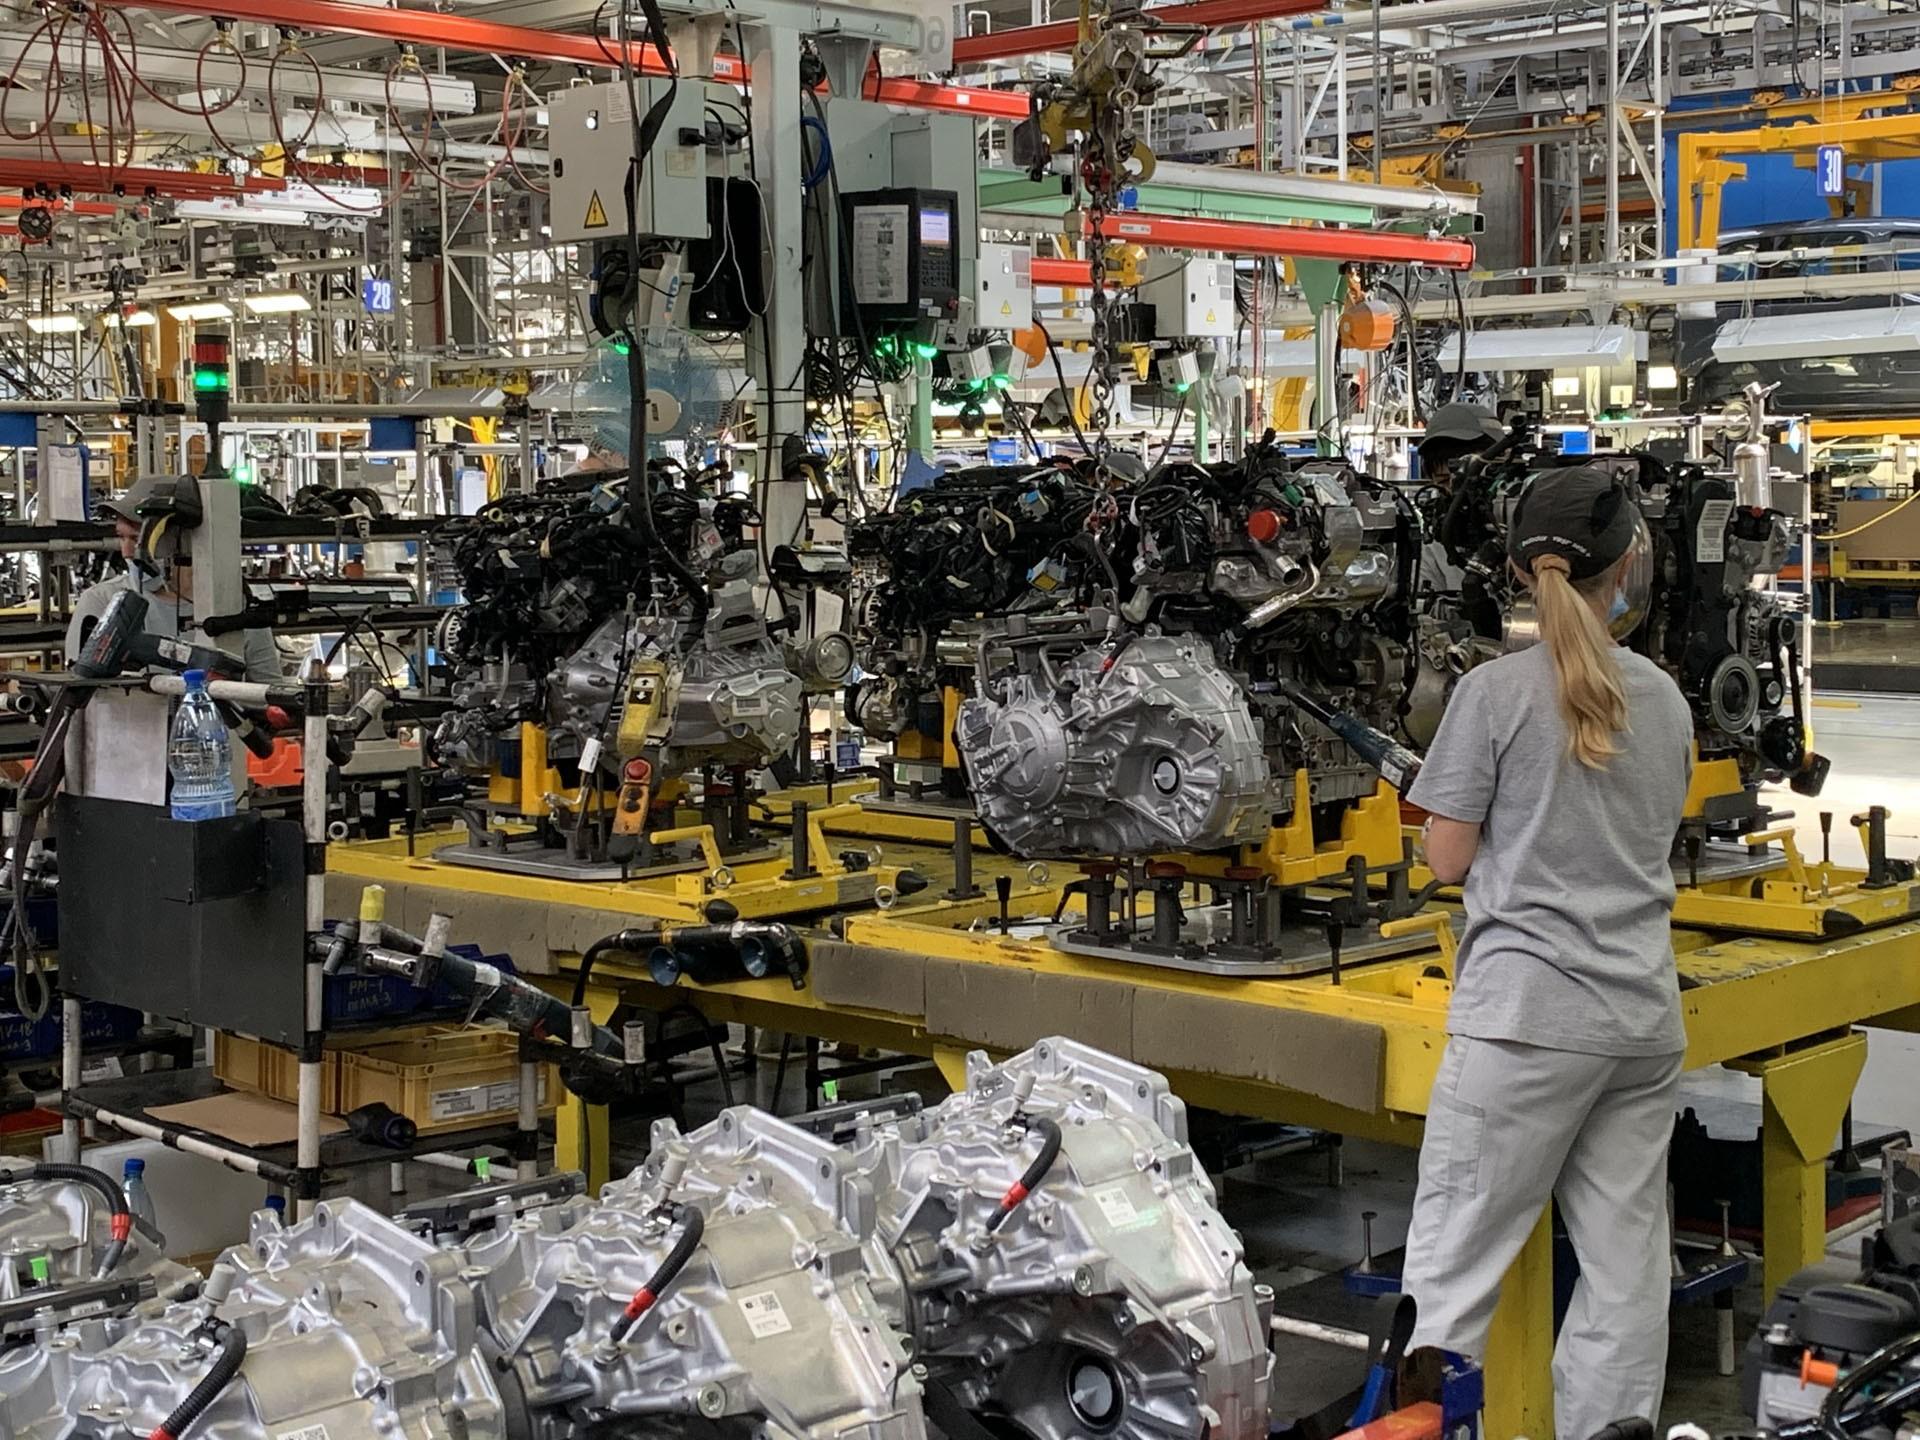 Stellantis готовится собирать в Калуге Fiat Scudo для Европы, а локализованный дизельный мотор 1,6 уедет  в Латинскую Америку и Африку